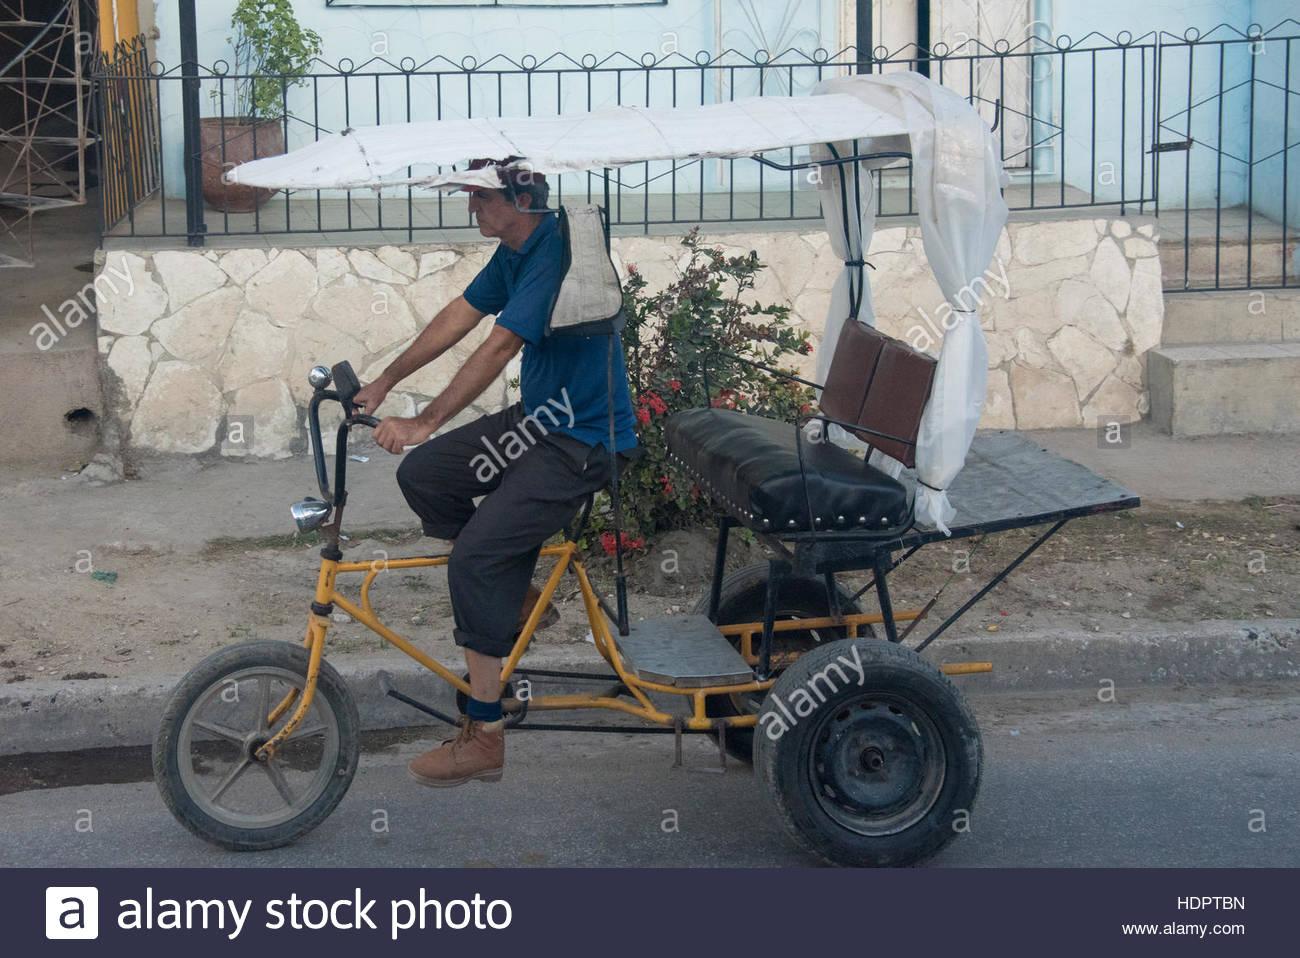 Bicitaxi per trasporto urbano di passeggeri. Il popolo cubano lo stile di vita di tutti i giorni i dettagli. Il Immagini Stock